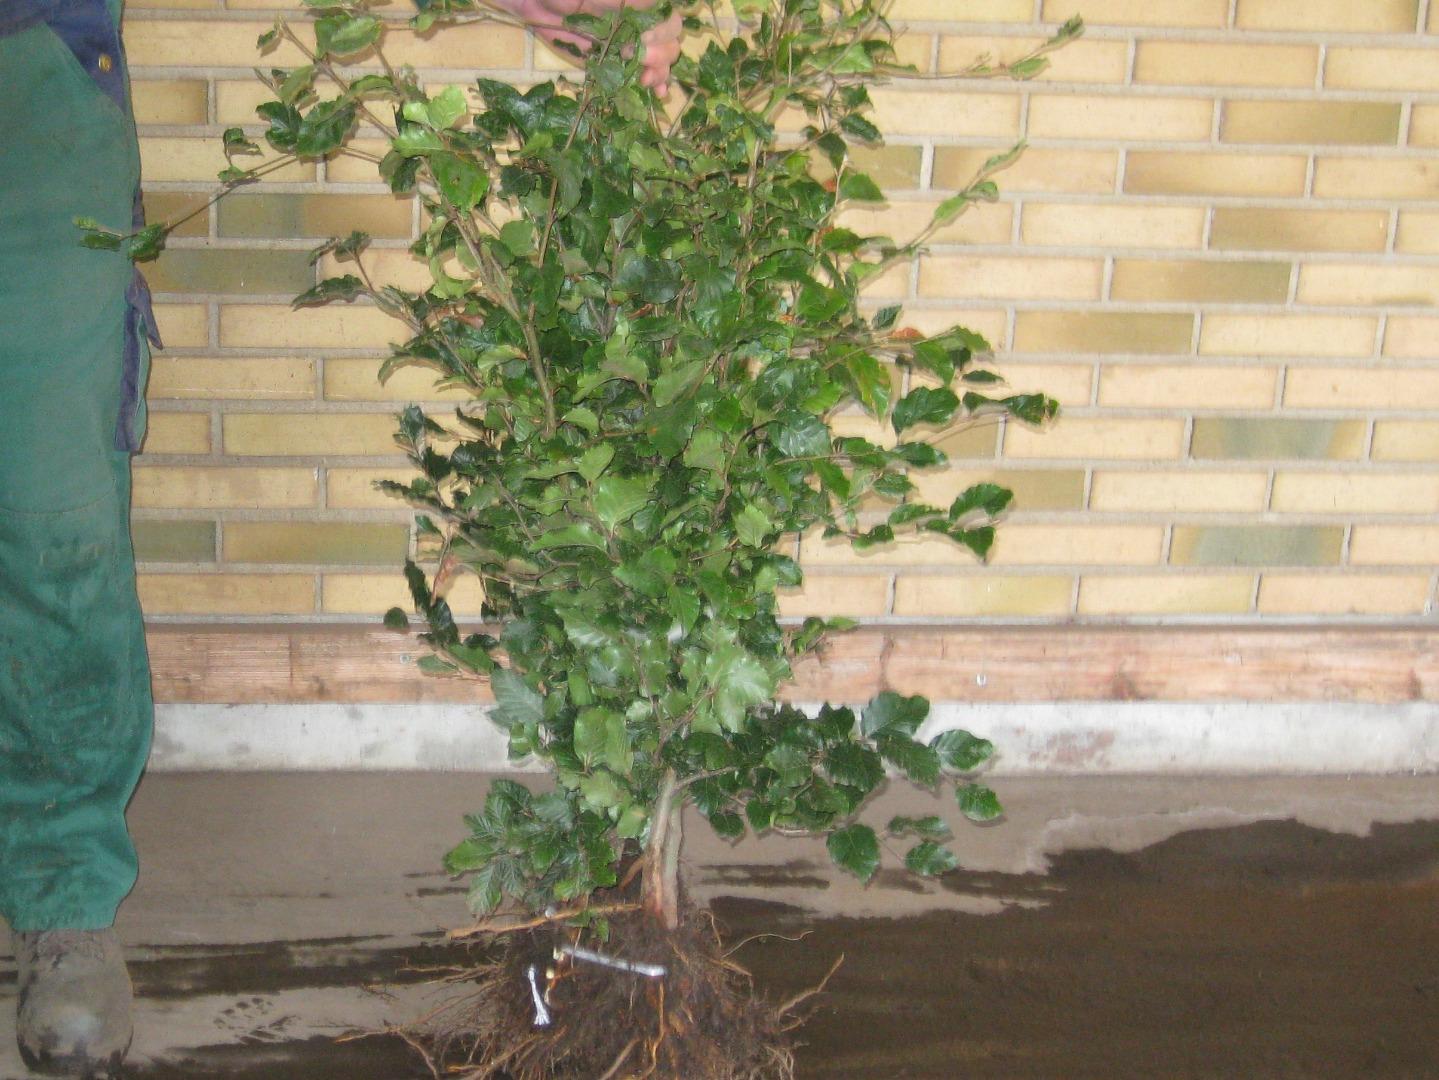 Køb kvalitets planter online hos Aarestrup Planteskole